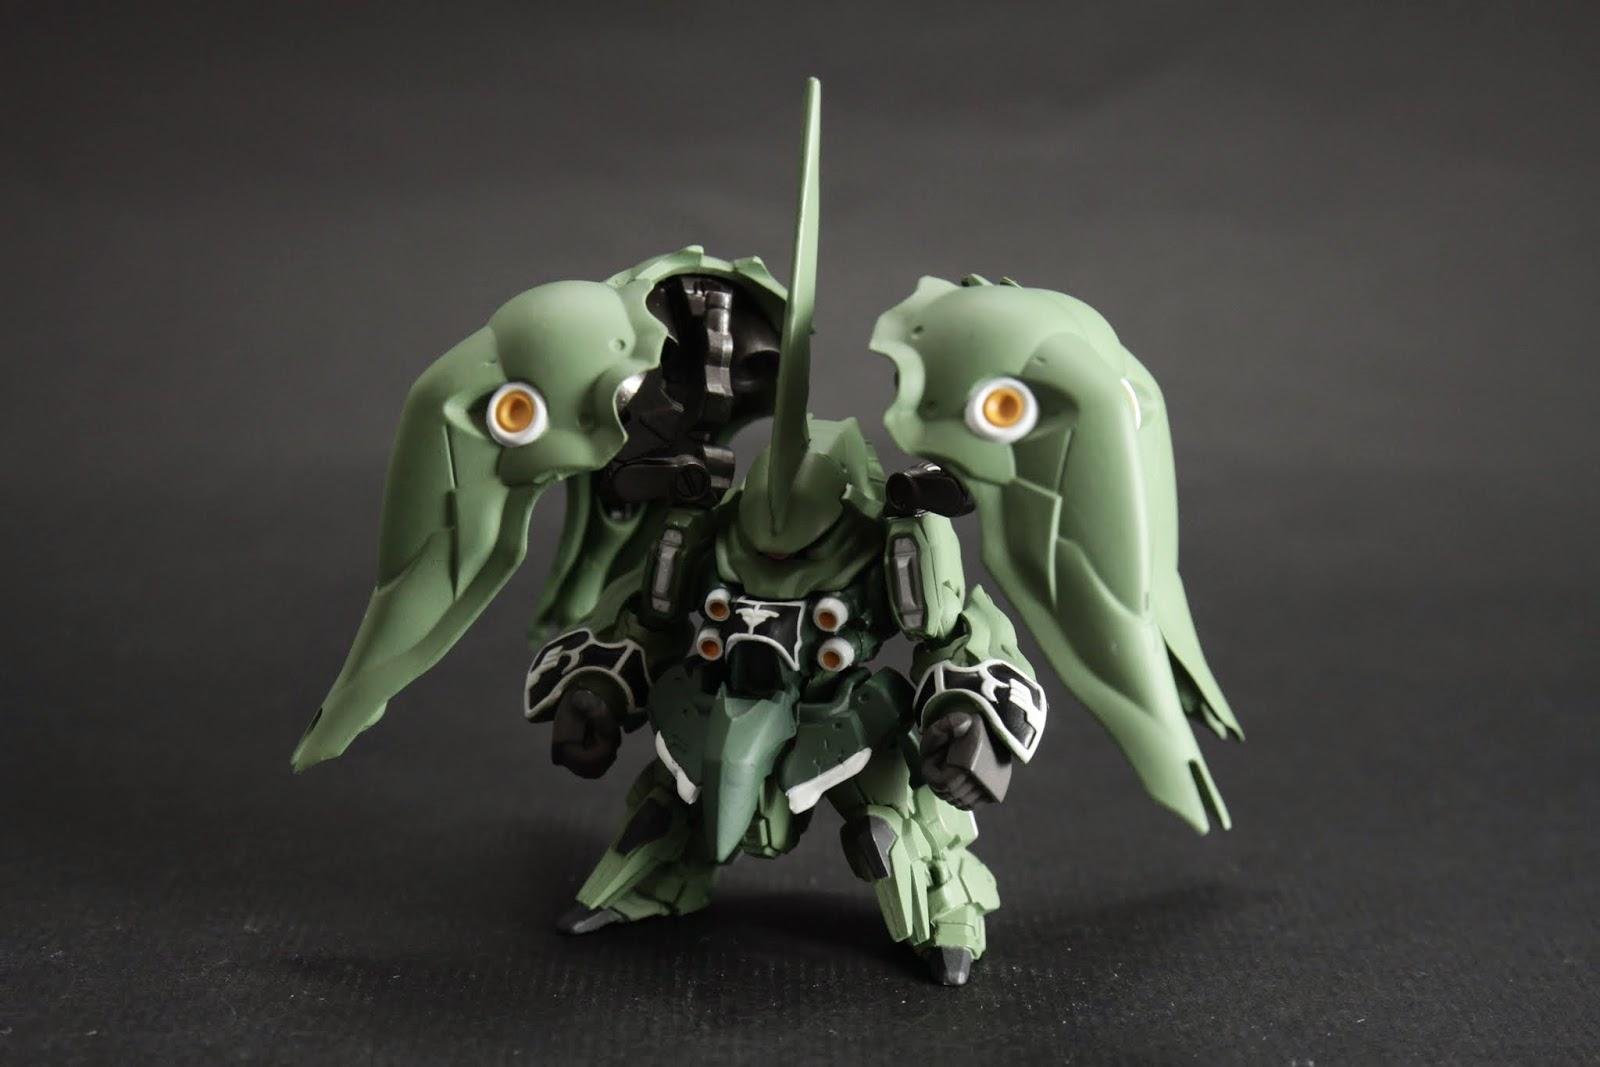 駕駛者為マリーダ・クルス 也是U.C.0088年新吉翁所製造的複製強化人普魯12